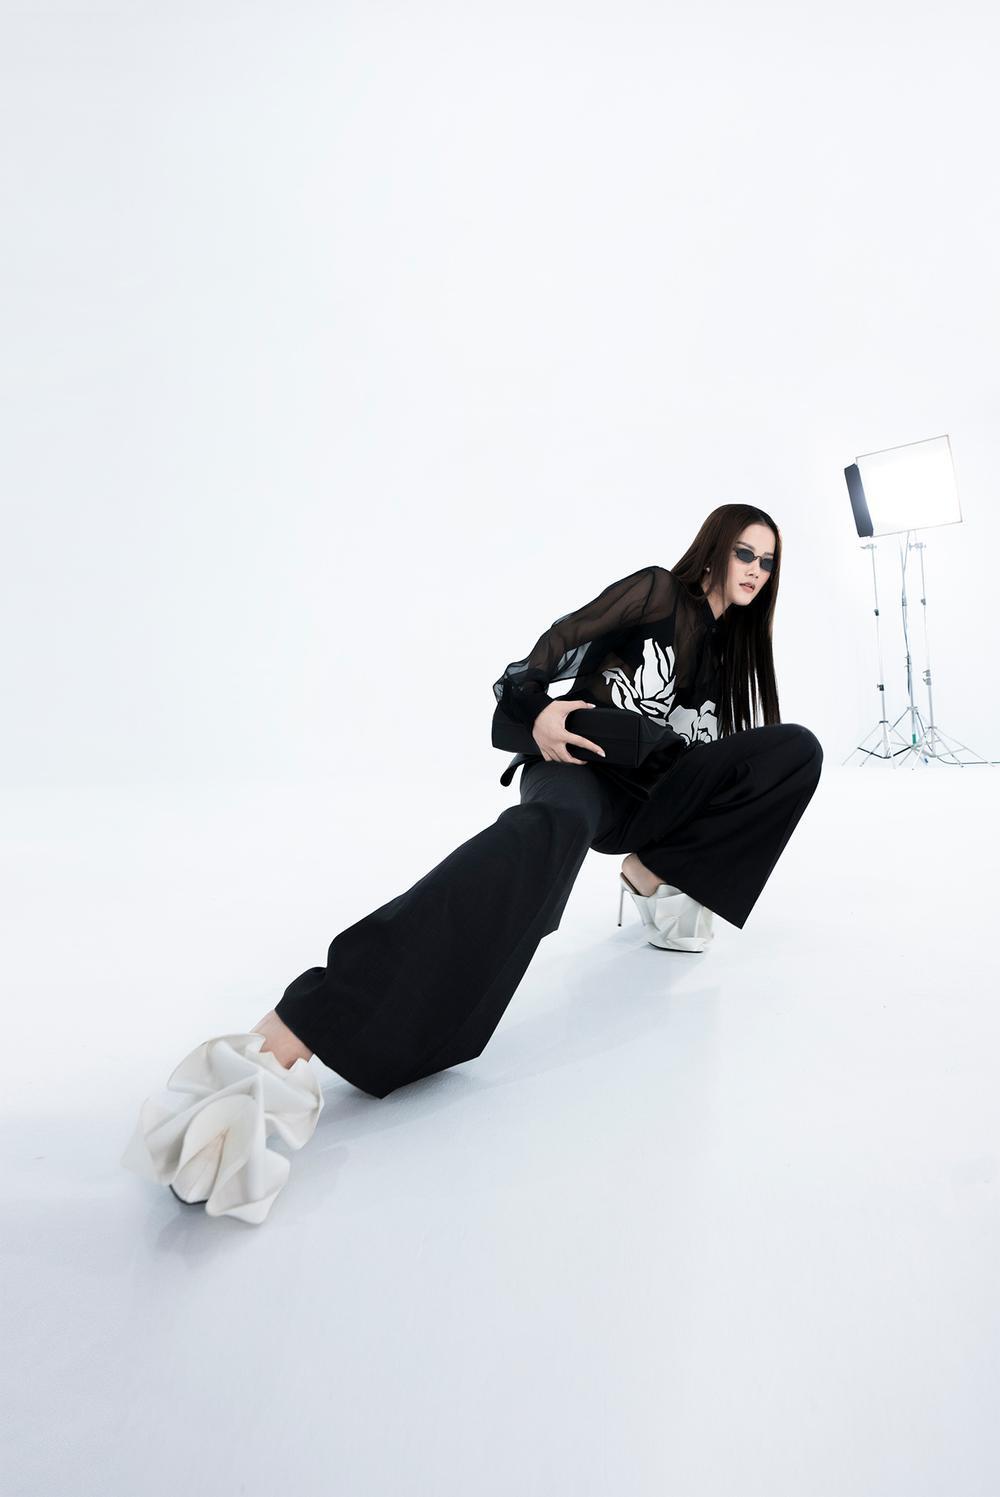 NTK Trần Hùng ra mắt BST tại London Fashion Week, chỉ dùng một người mẫu duy nhất Ảnh 12